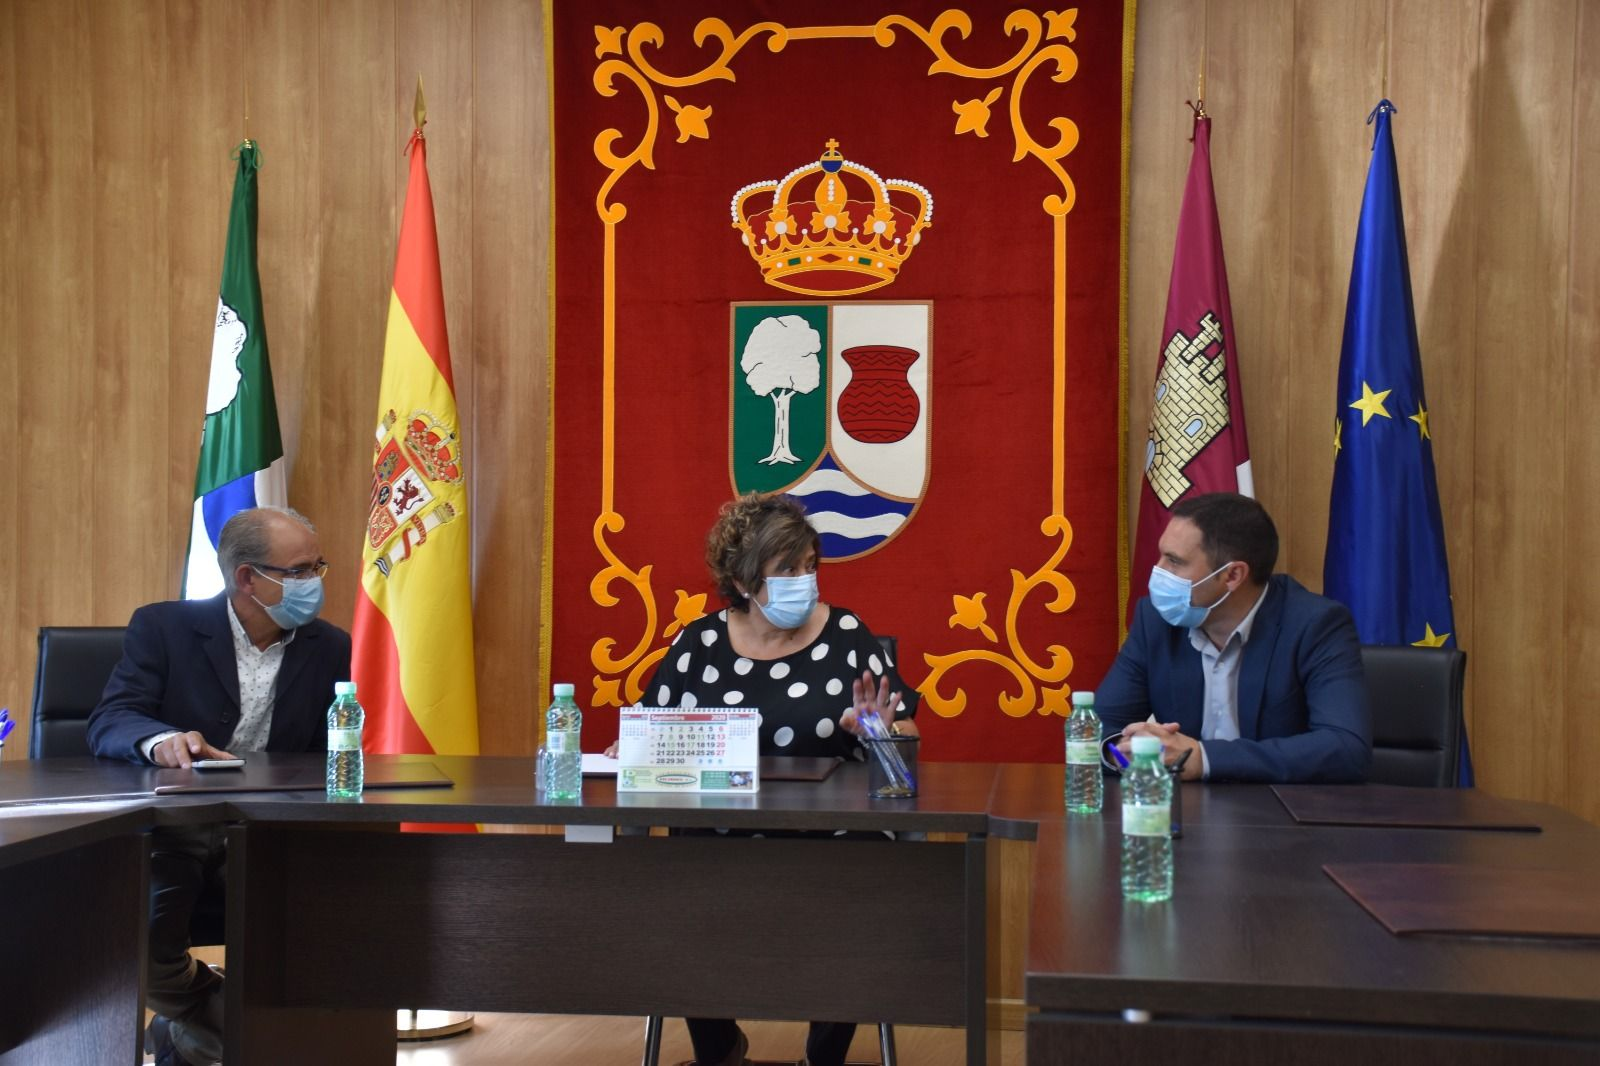 Martínez Chana se ha reunido o ha visitado al sesenta por ciento de los alcaldes y alcaldesas de la provincia de Cuenca